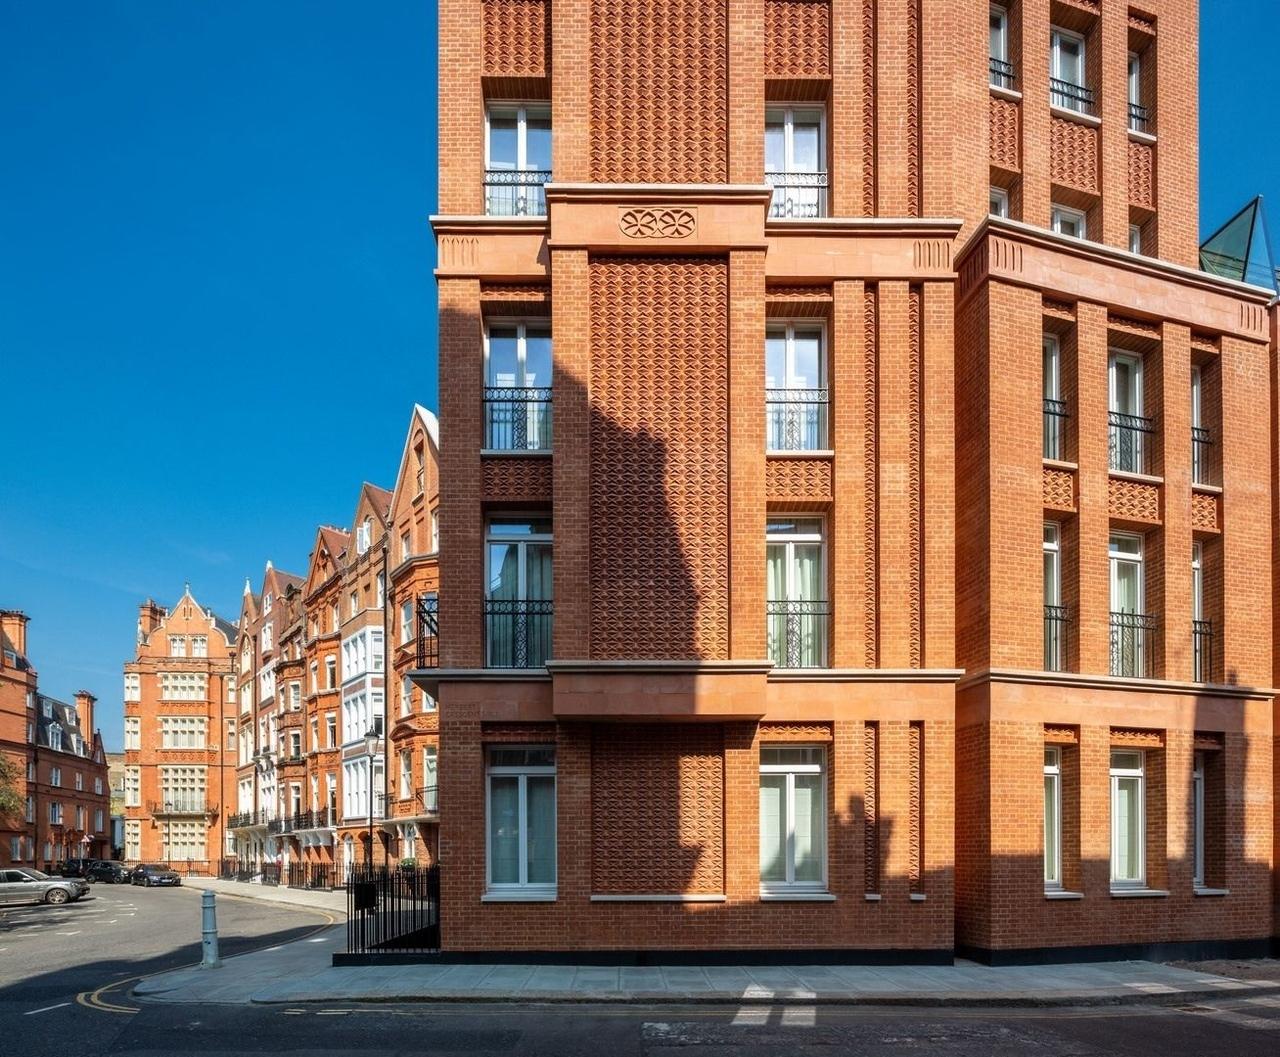 Здание Hans Place в Лондоне